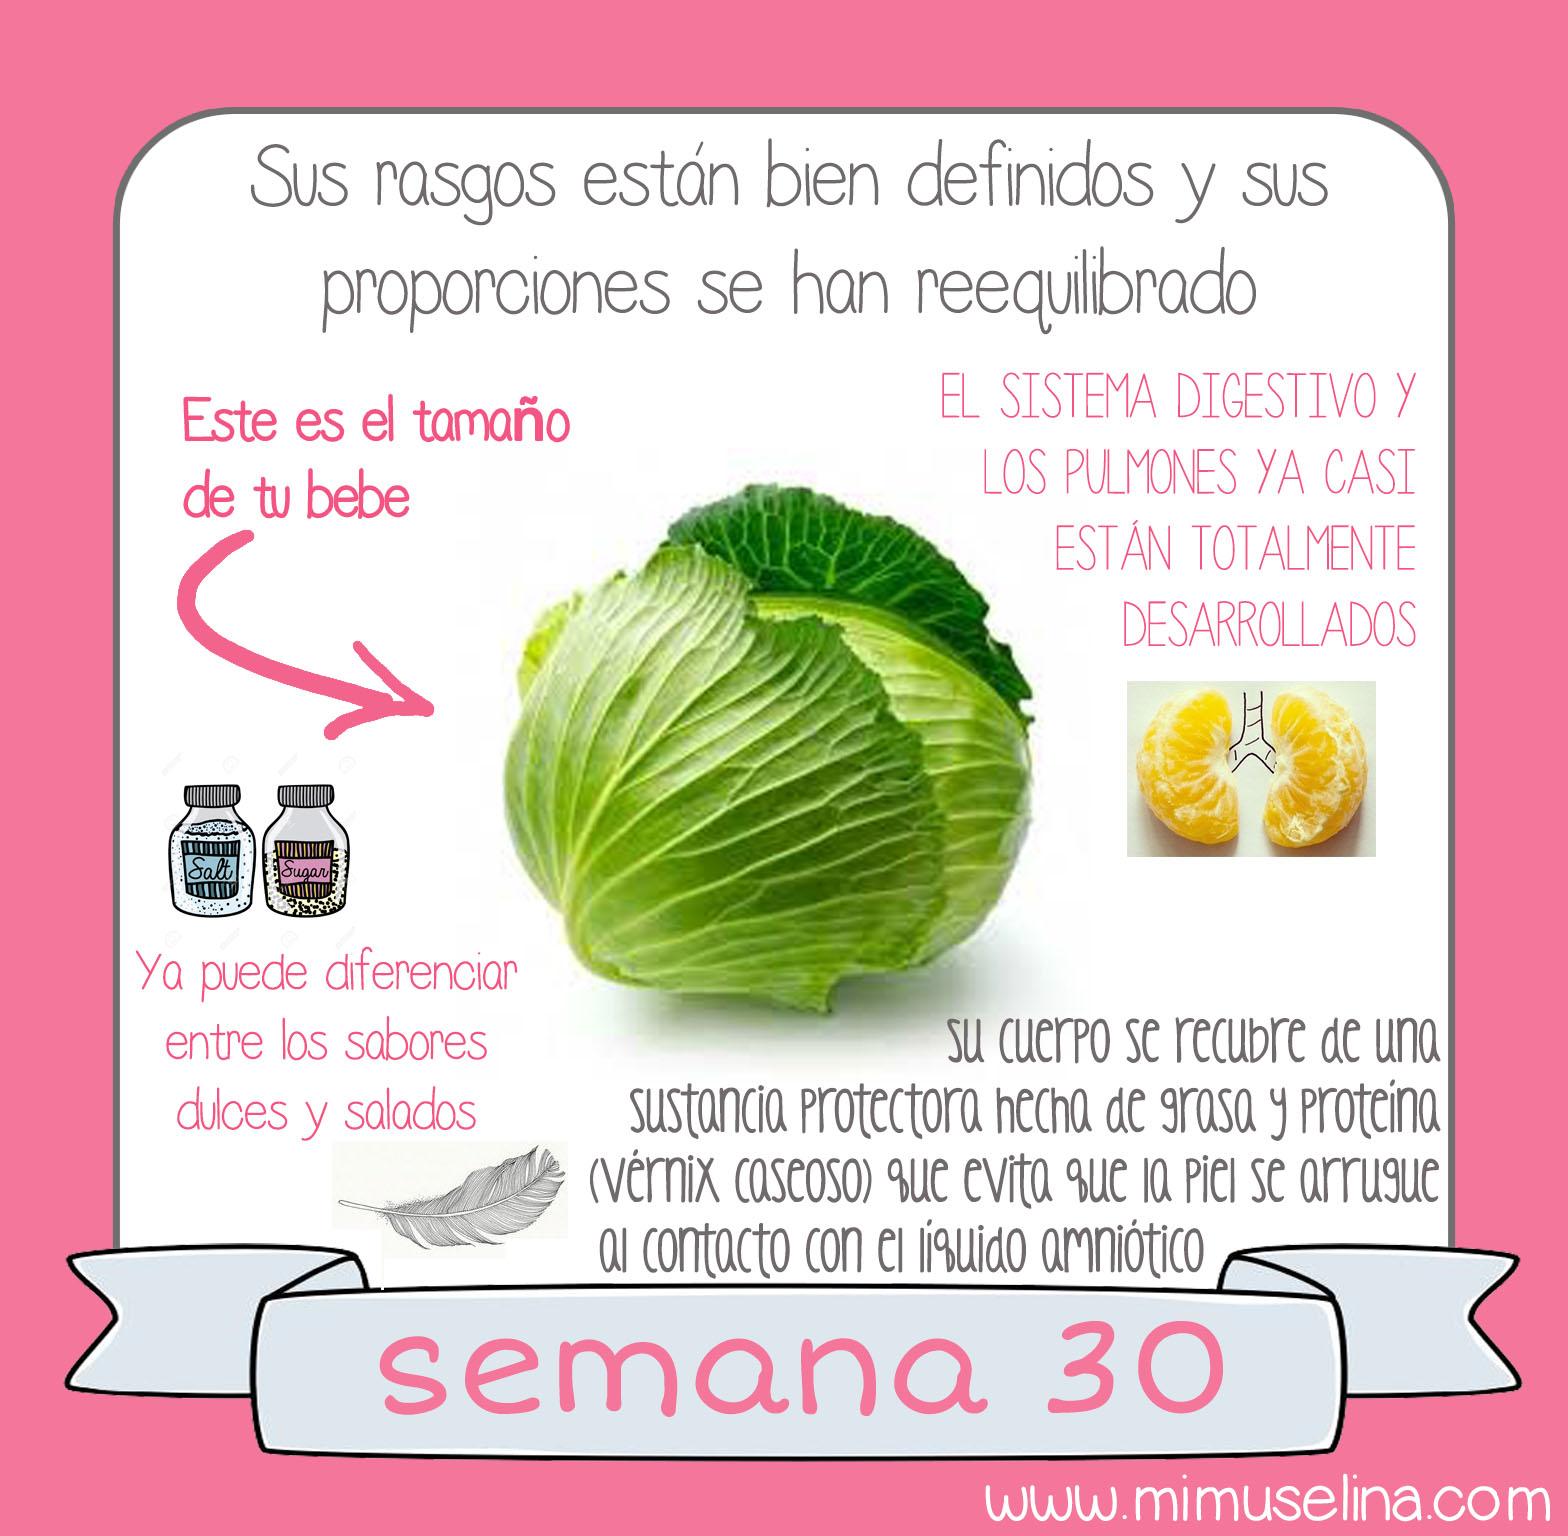 fbf1ab5c4 libro album recuerdos del embarazo blog mimuselina información comparación  tamaño feto con frutas bebe como col